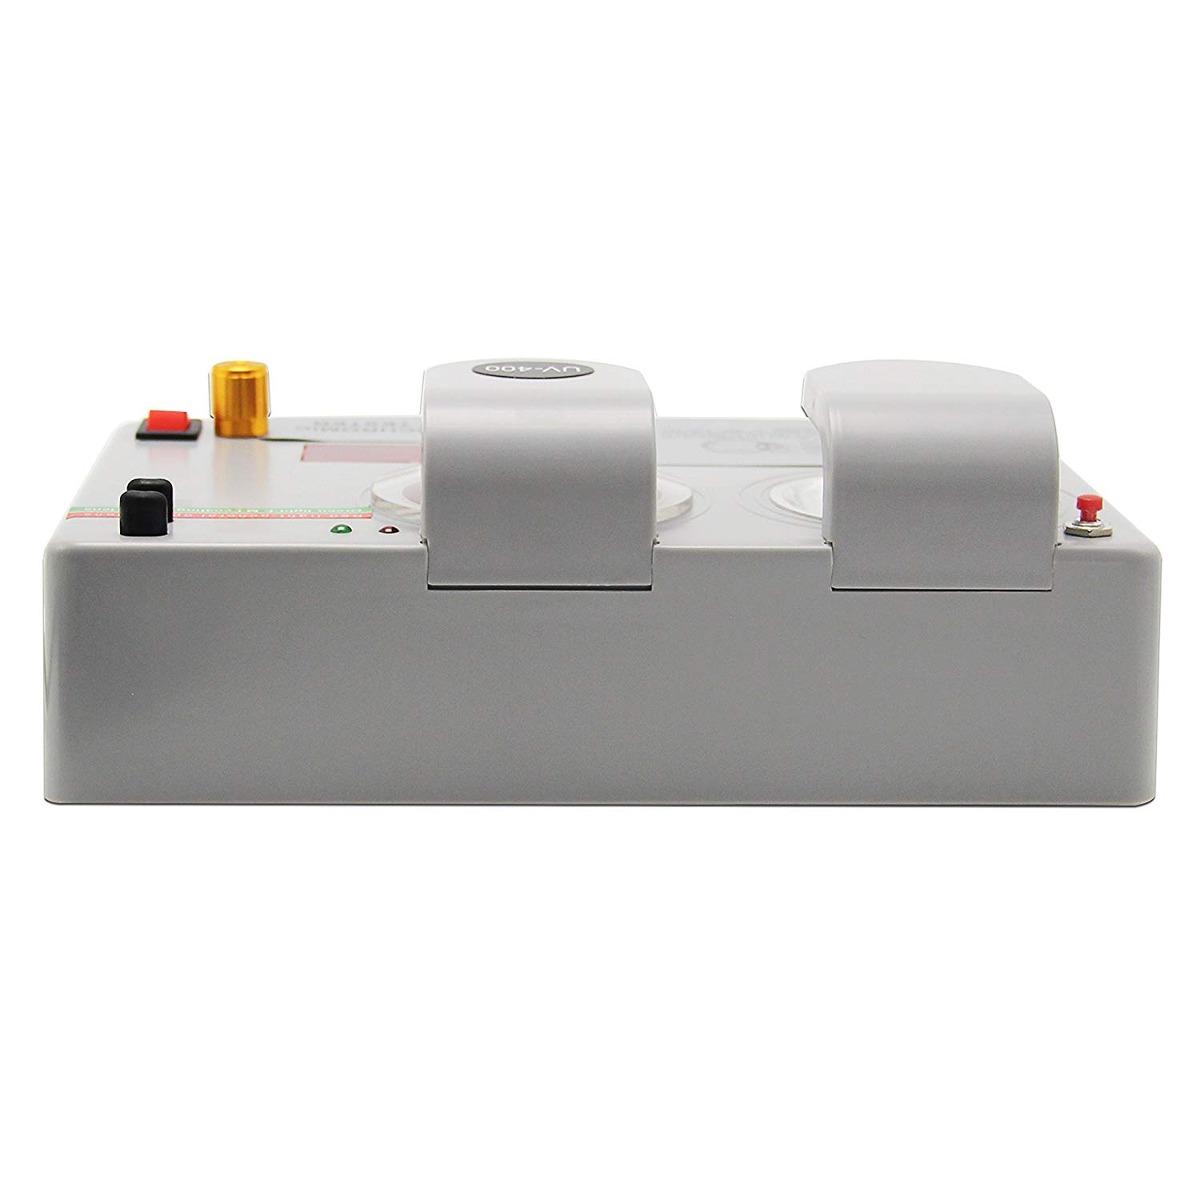 Radiación Instrumento Ultravioleta Anti Prueba Huanyu De fgvY7yb6